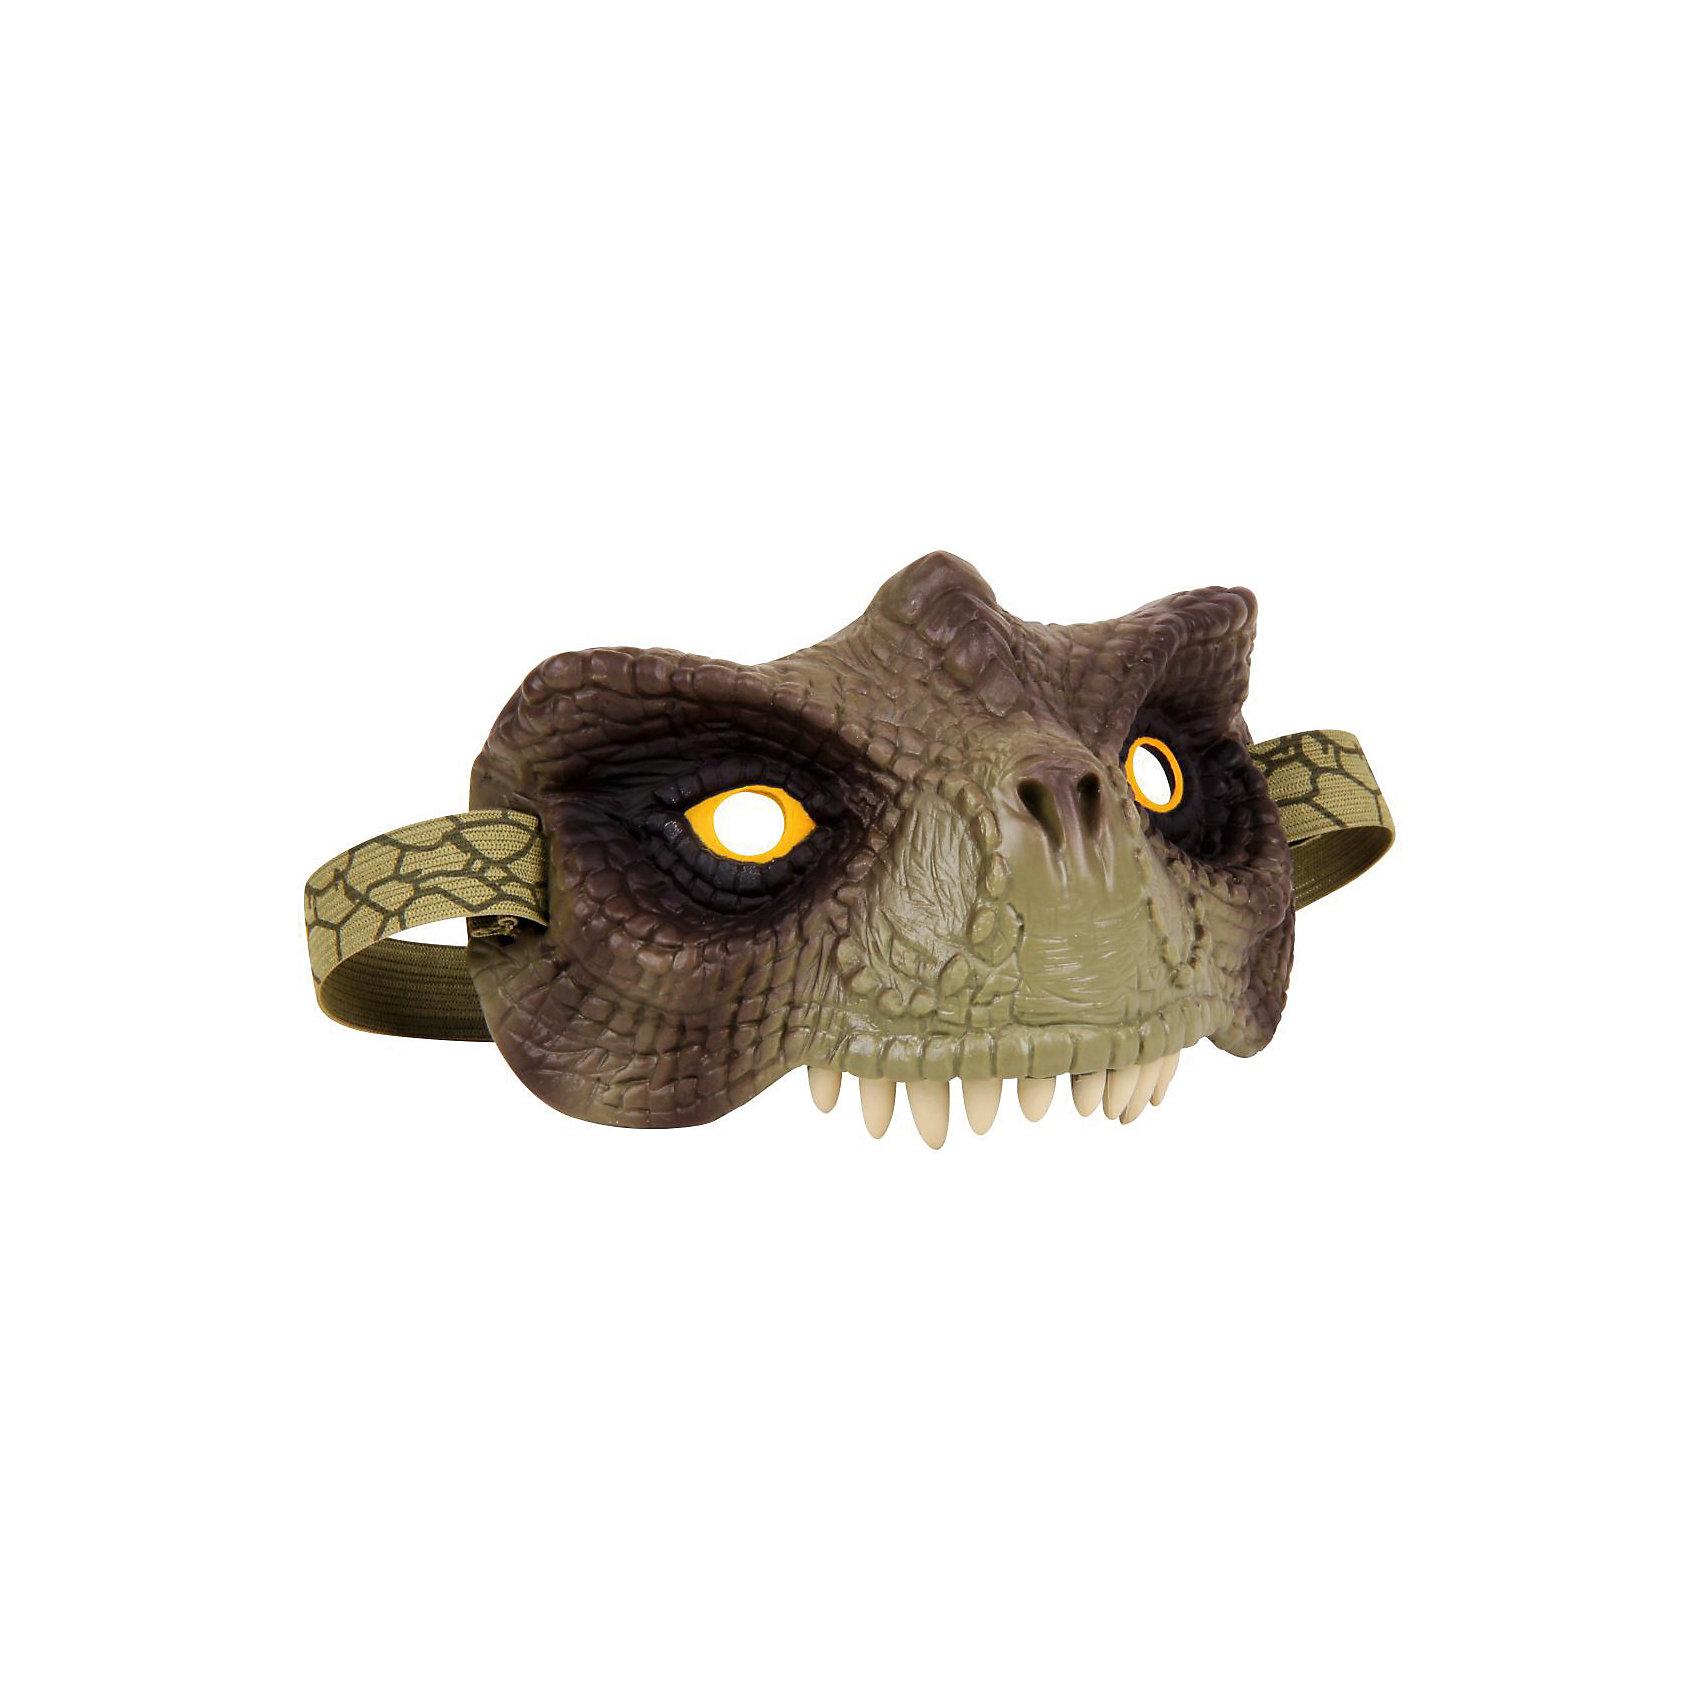 - Очки Глаза Динозавра, Uncle Milton приколы дебильные очки с изображением глаз купить в новосибирске